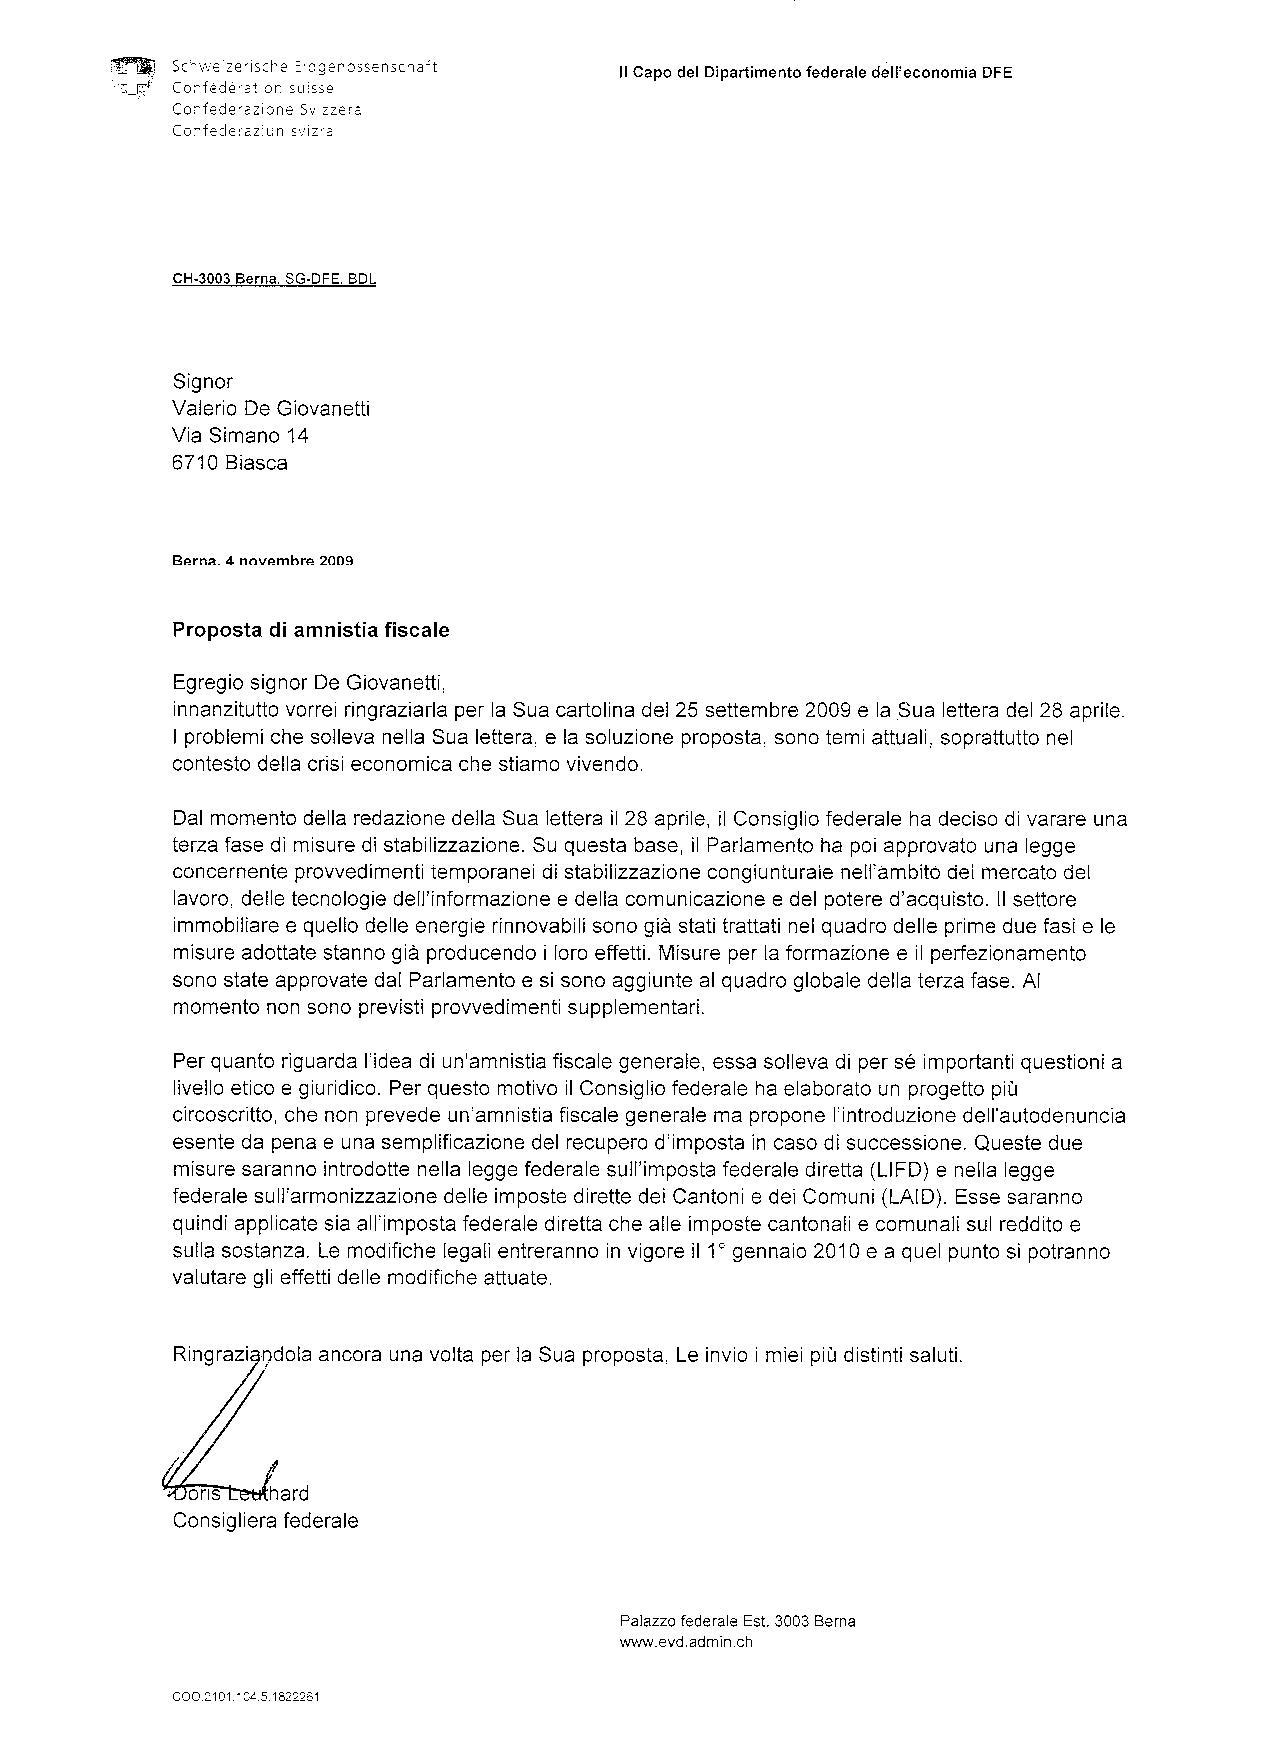 Leuthard - risposta 4.11.09 -mia amnistia 04.2009